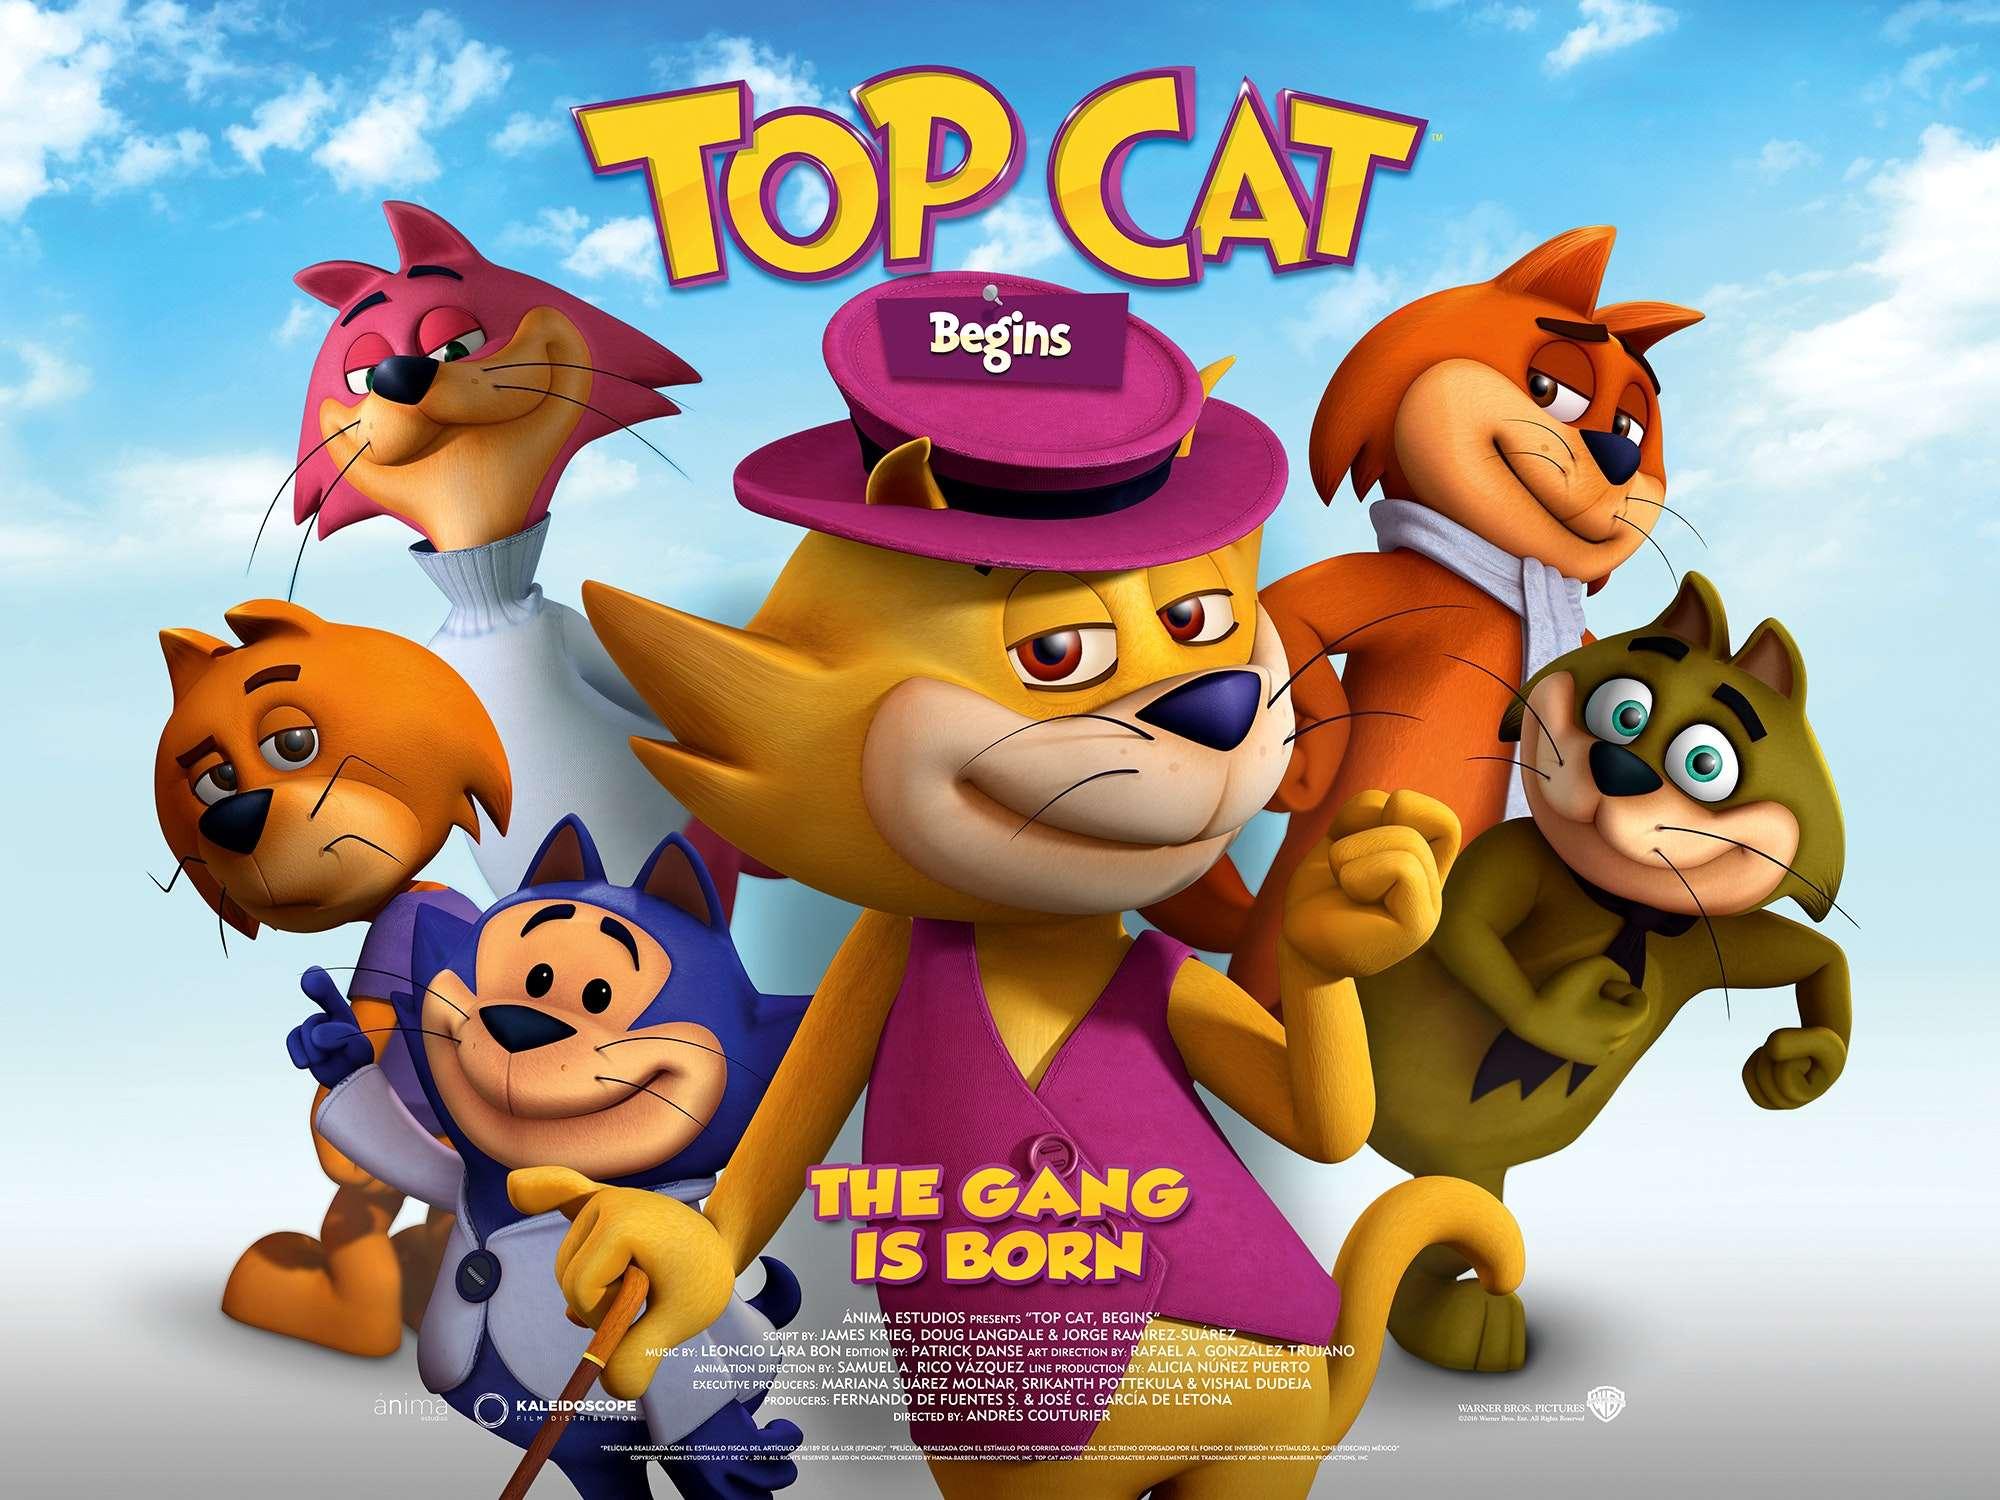 Γατο...Συμμορία Η Αρχή (Topcat Begins) Movie